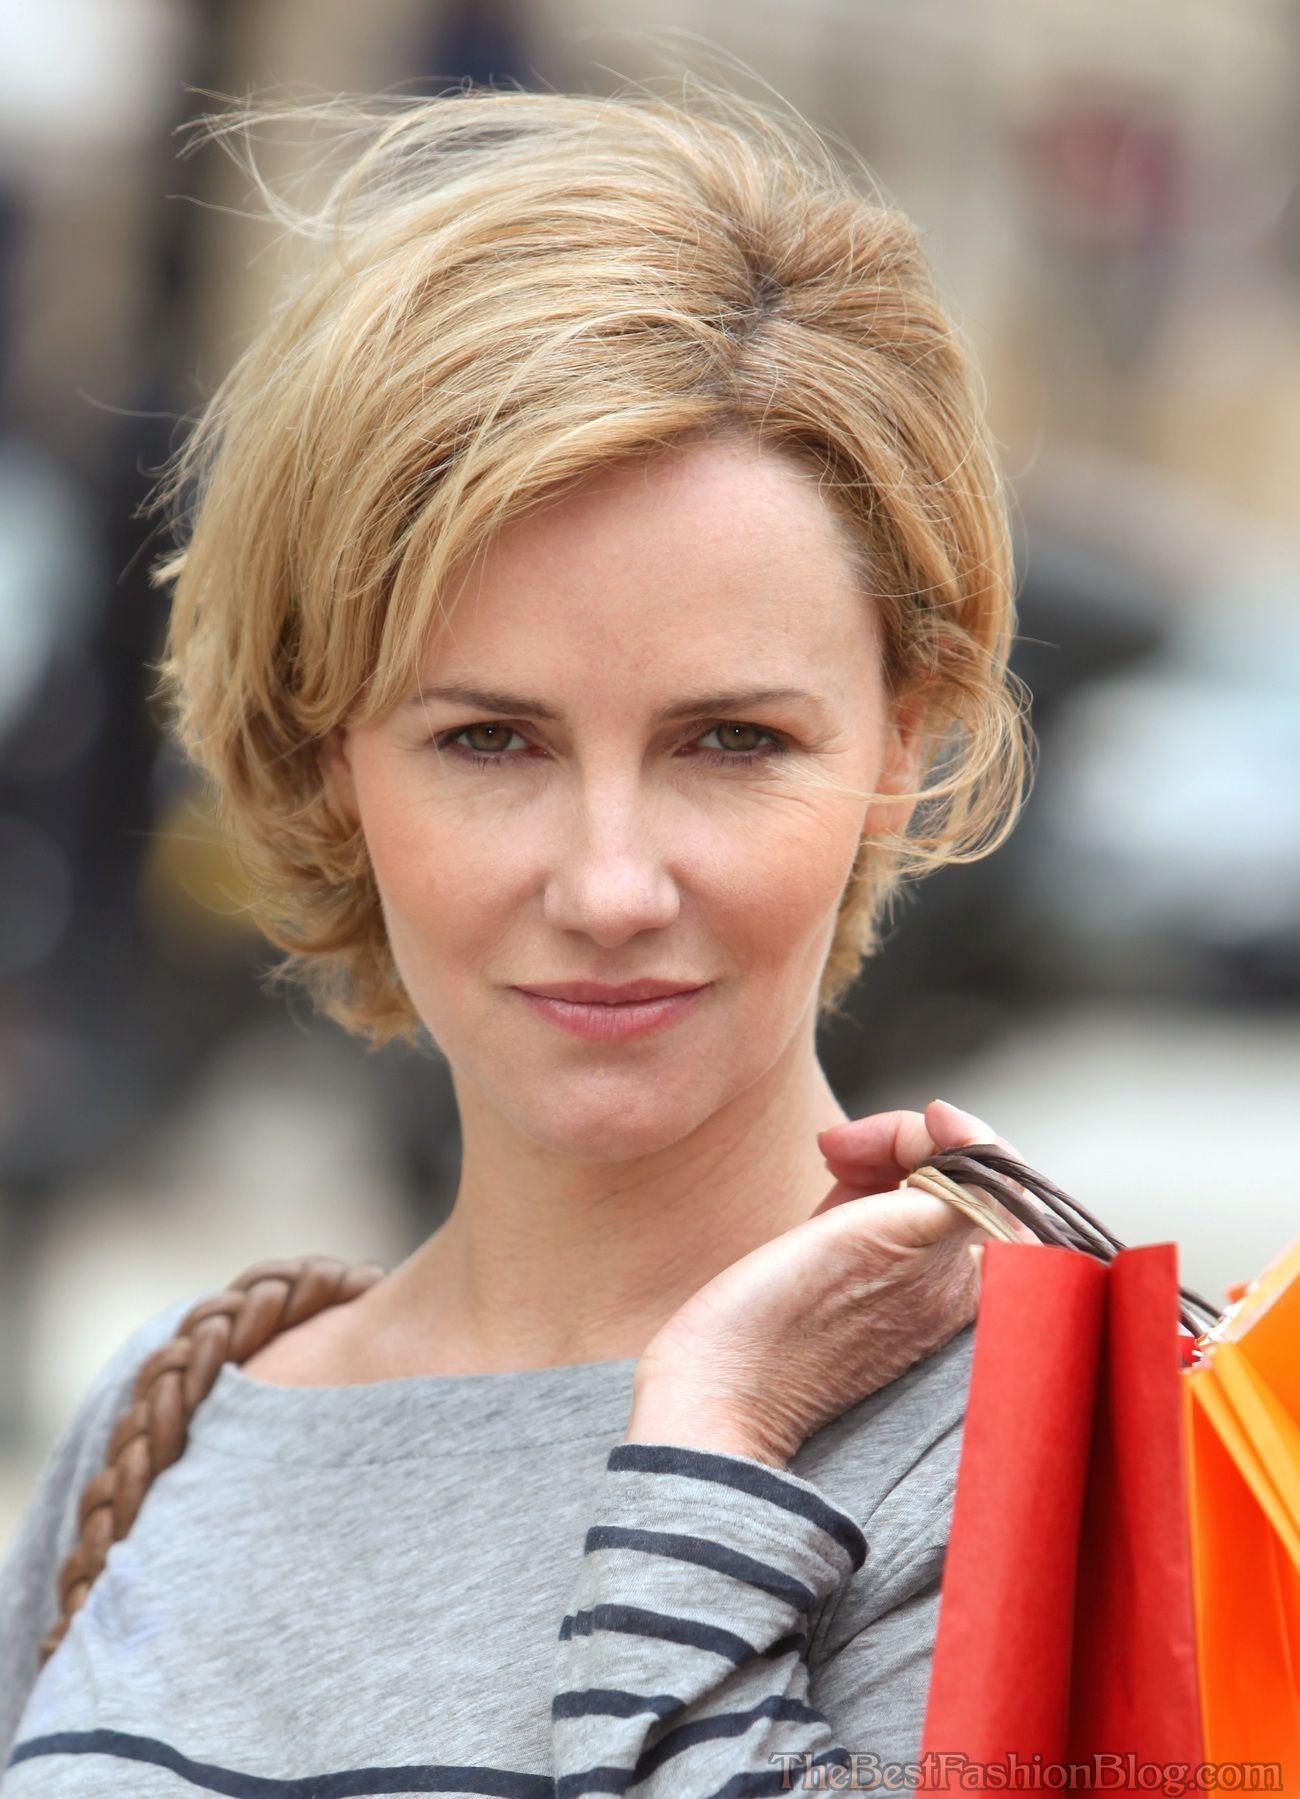 30 short hairstyles for older ladies #hairstyles #ladies